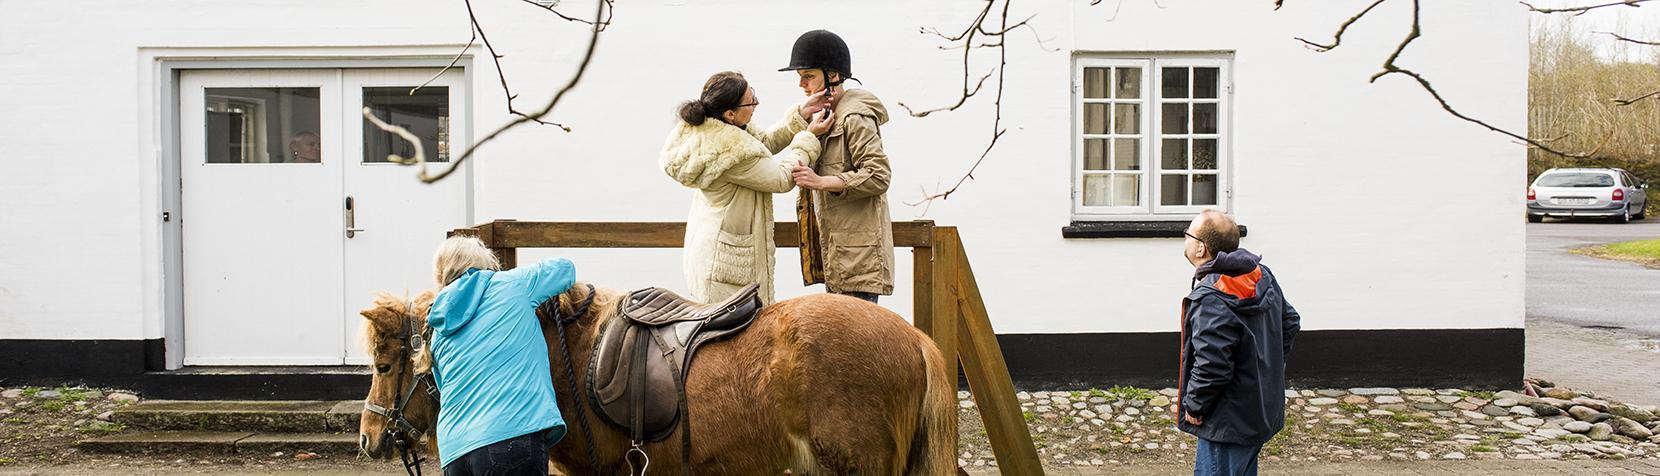 Billedet viser en pige, der får hjælp til at lukke ridehjelmen inden en ridetur